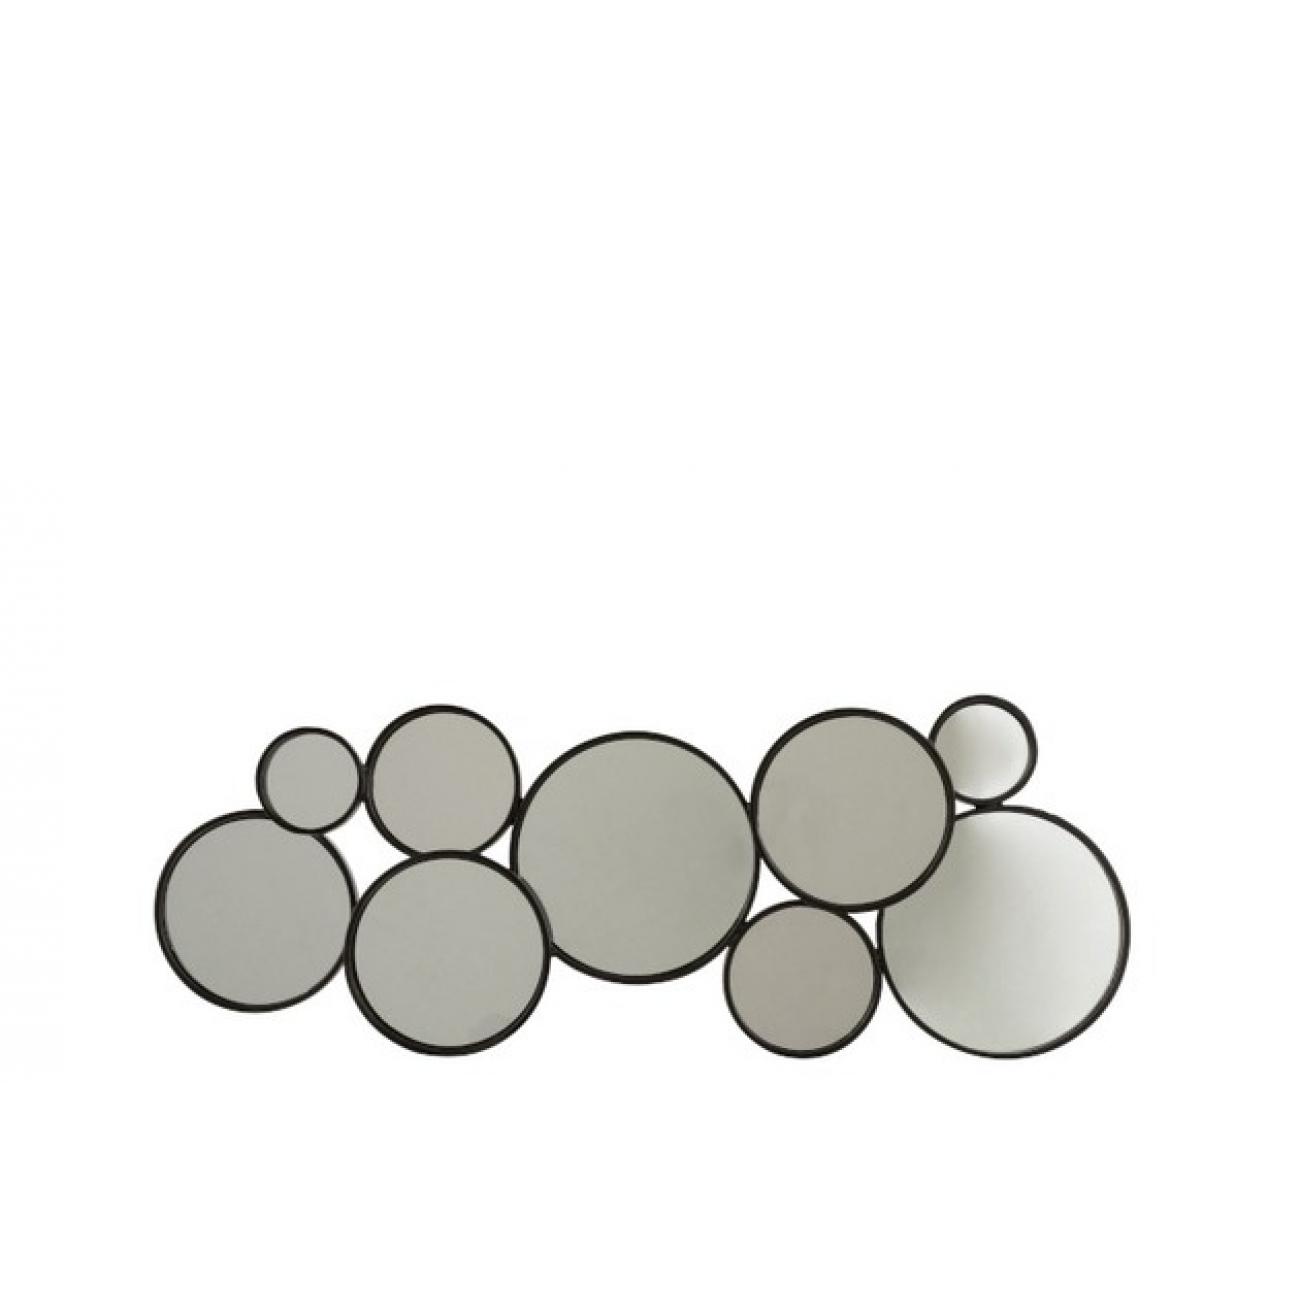 Зеркало J-LINE настенное фигурное в виде девяти кругов в черной металлической раме Бельгия